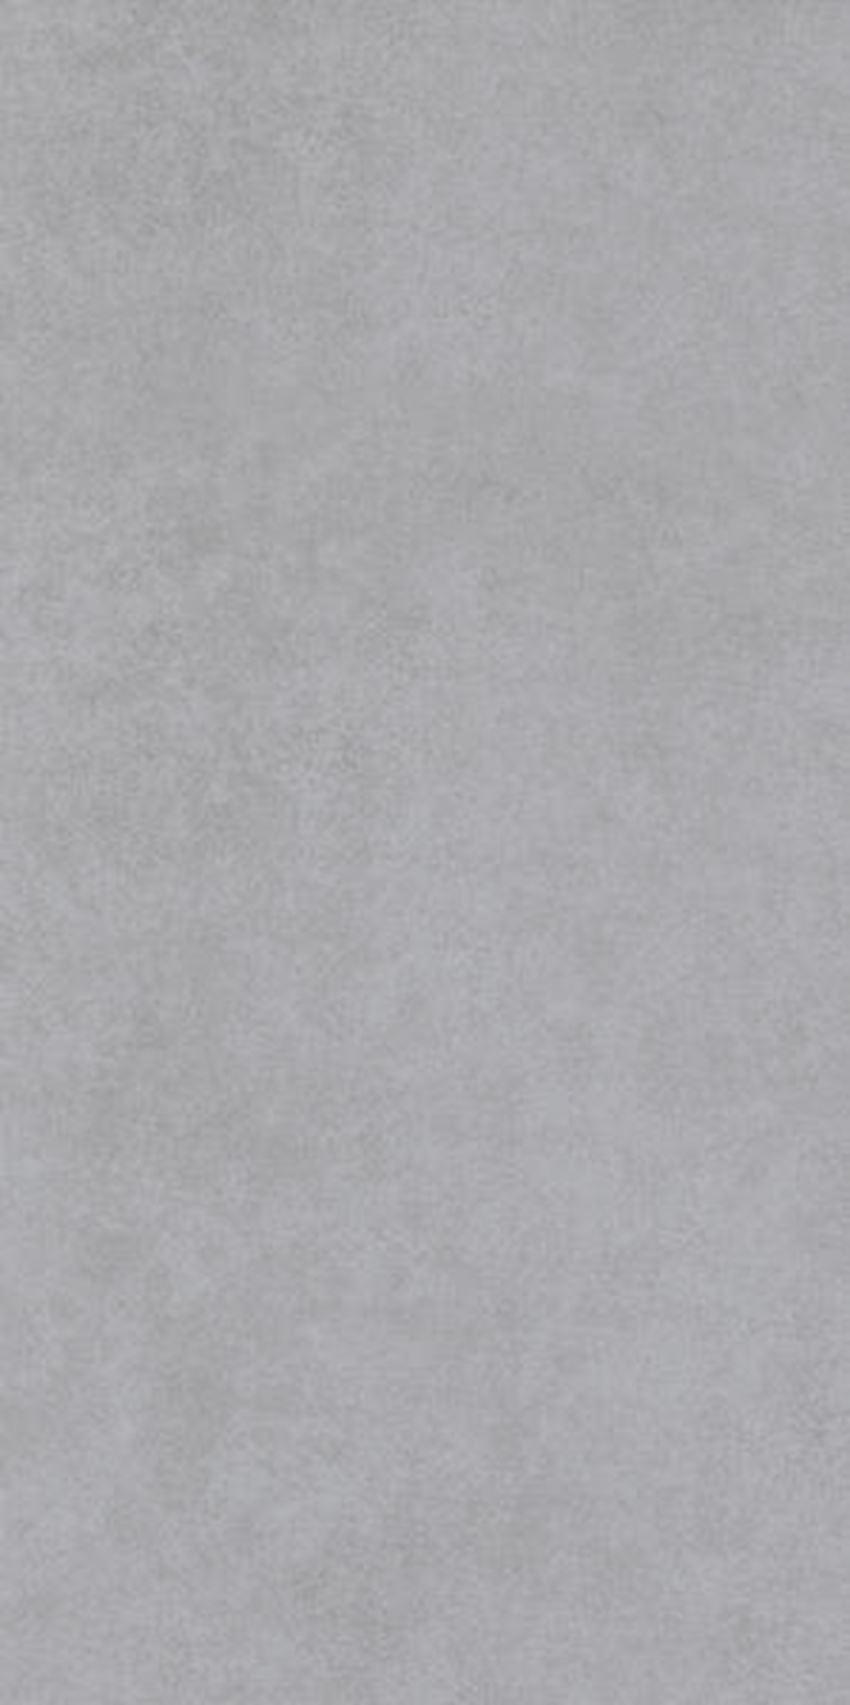 Płytka ścienno-podłogowa 29,8x59,8cm Paradyż Tero Grys Gres Rekt. Półpoler